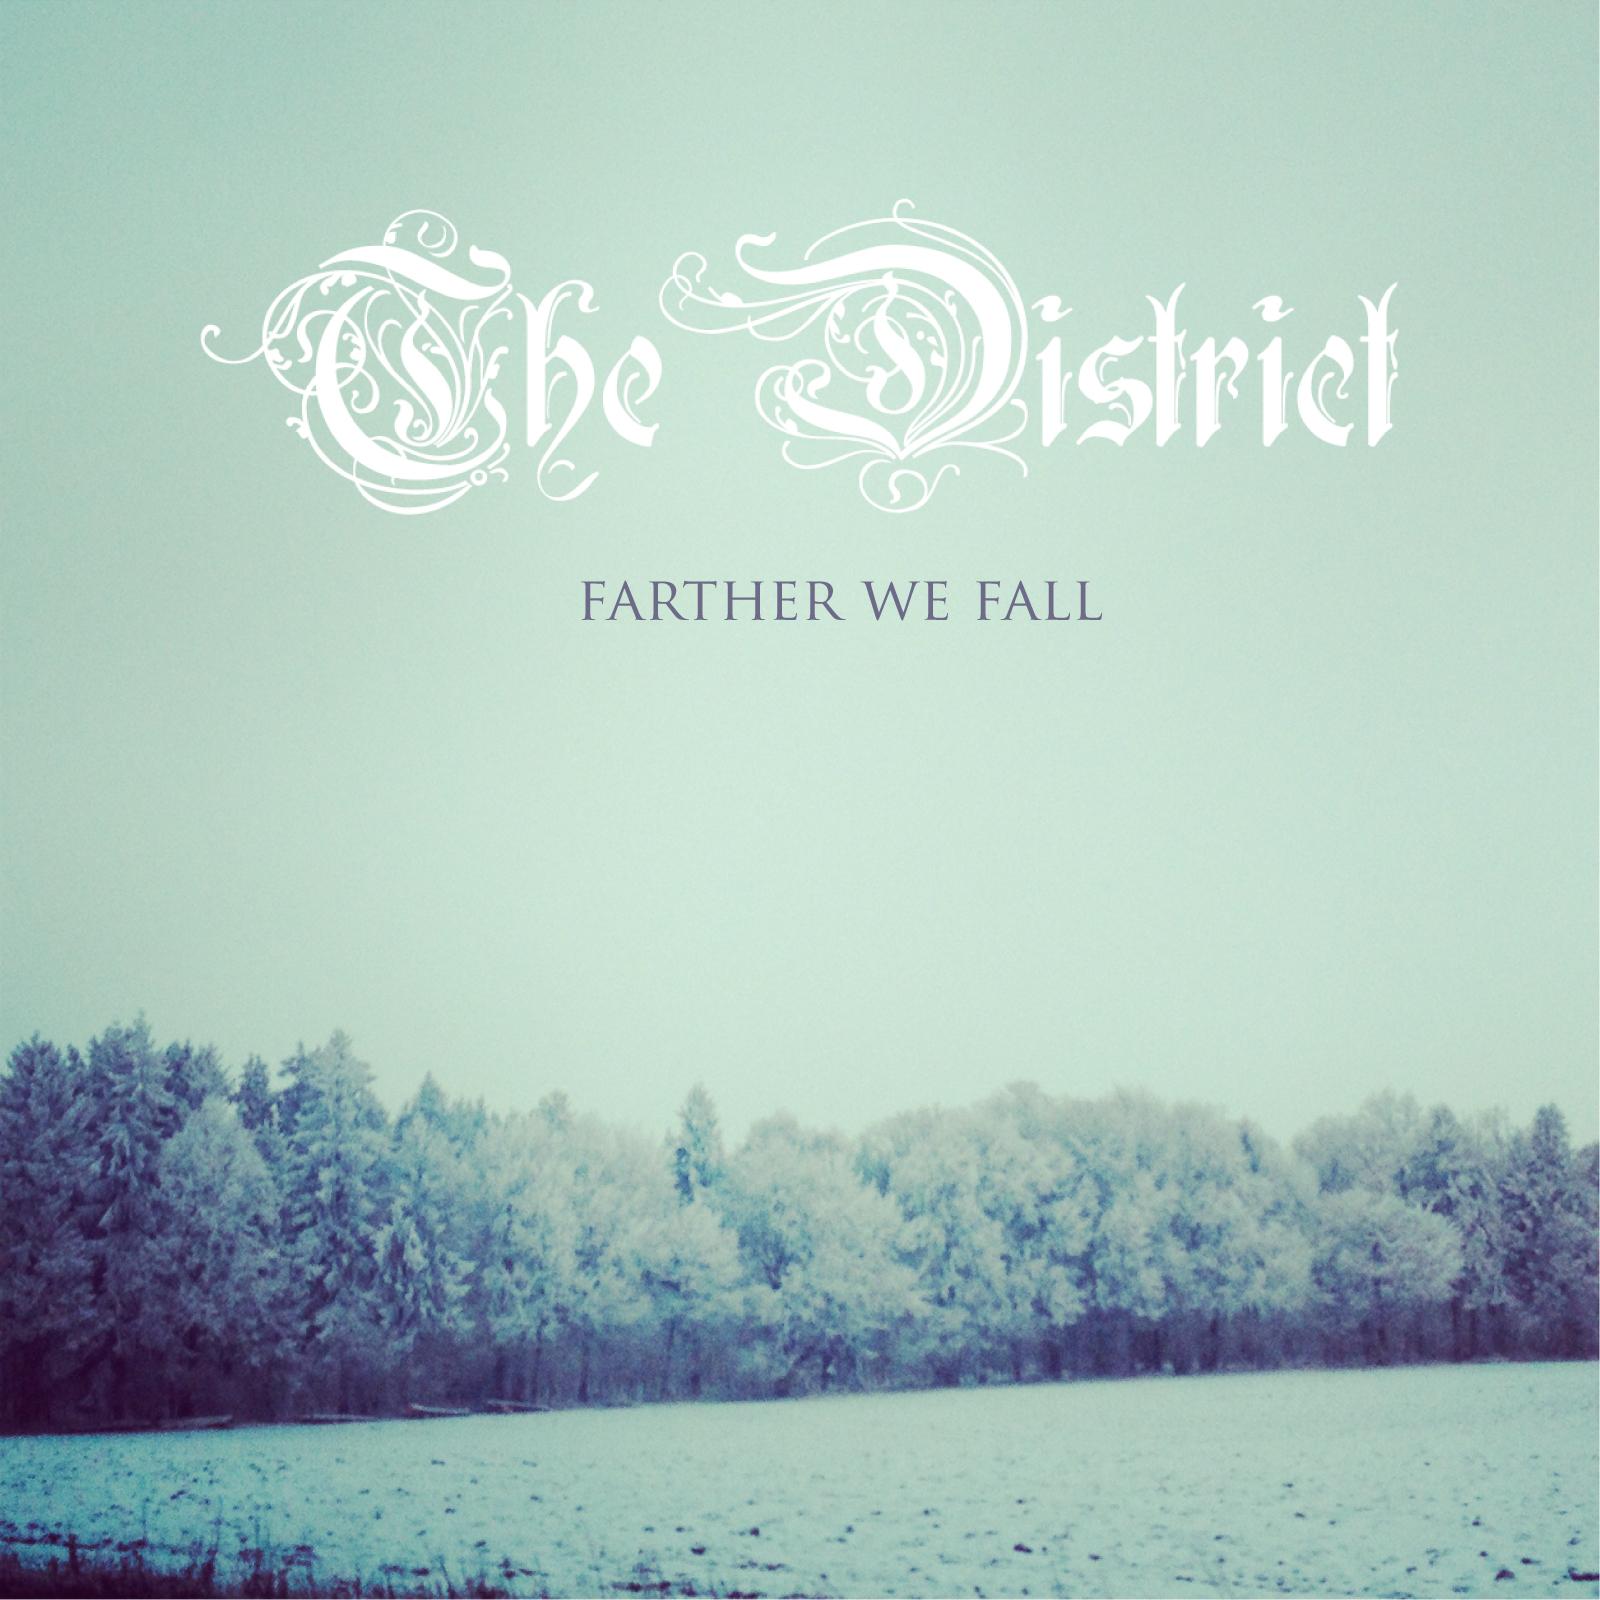 Farther-We-Fall-SINGLE.jpg